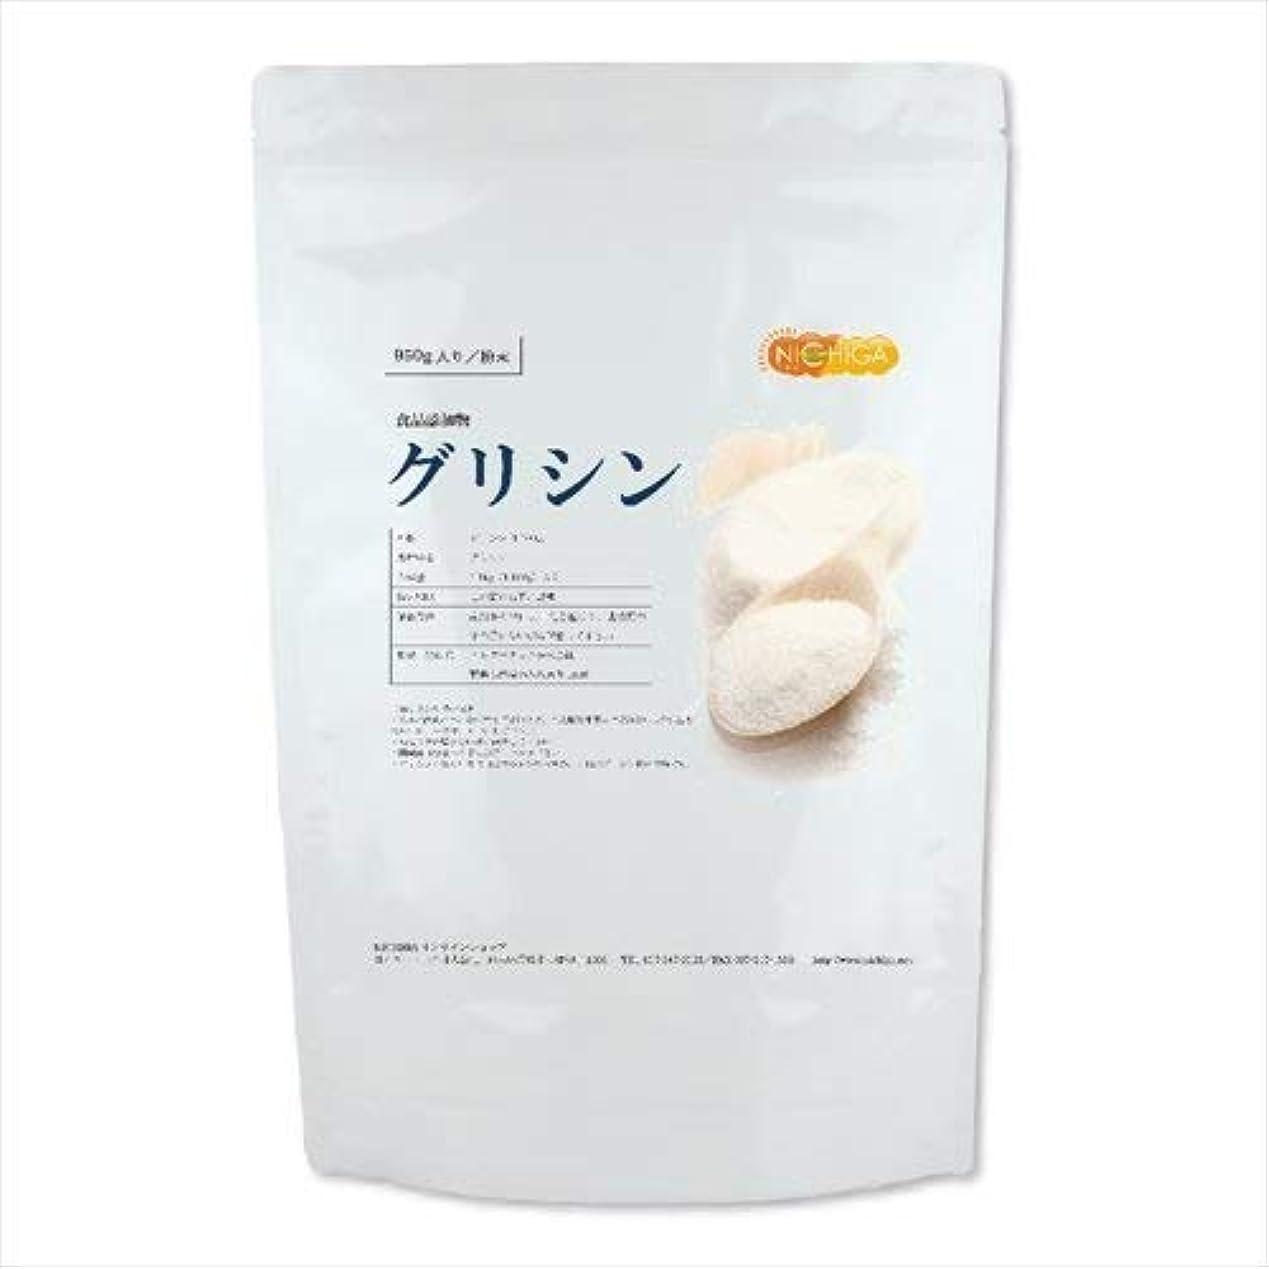 ケイ素ハムモンスターグリシン 950g (glycine) 国内製造品 【付属スプーン】 [01] NICHIGA(ニチガ)